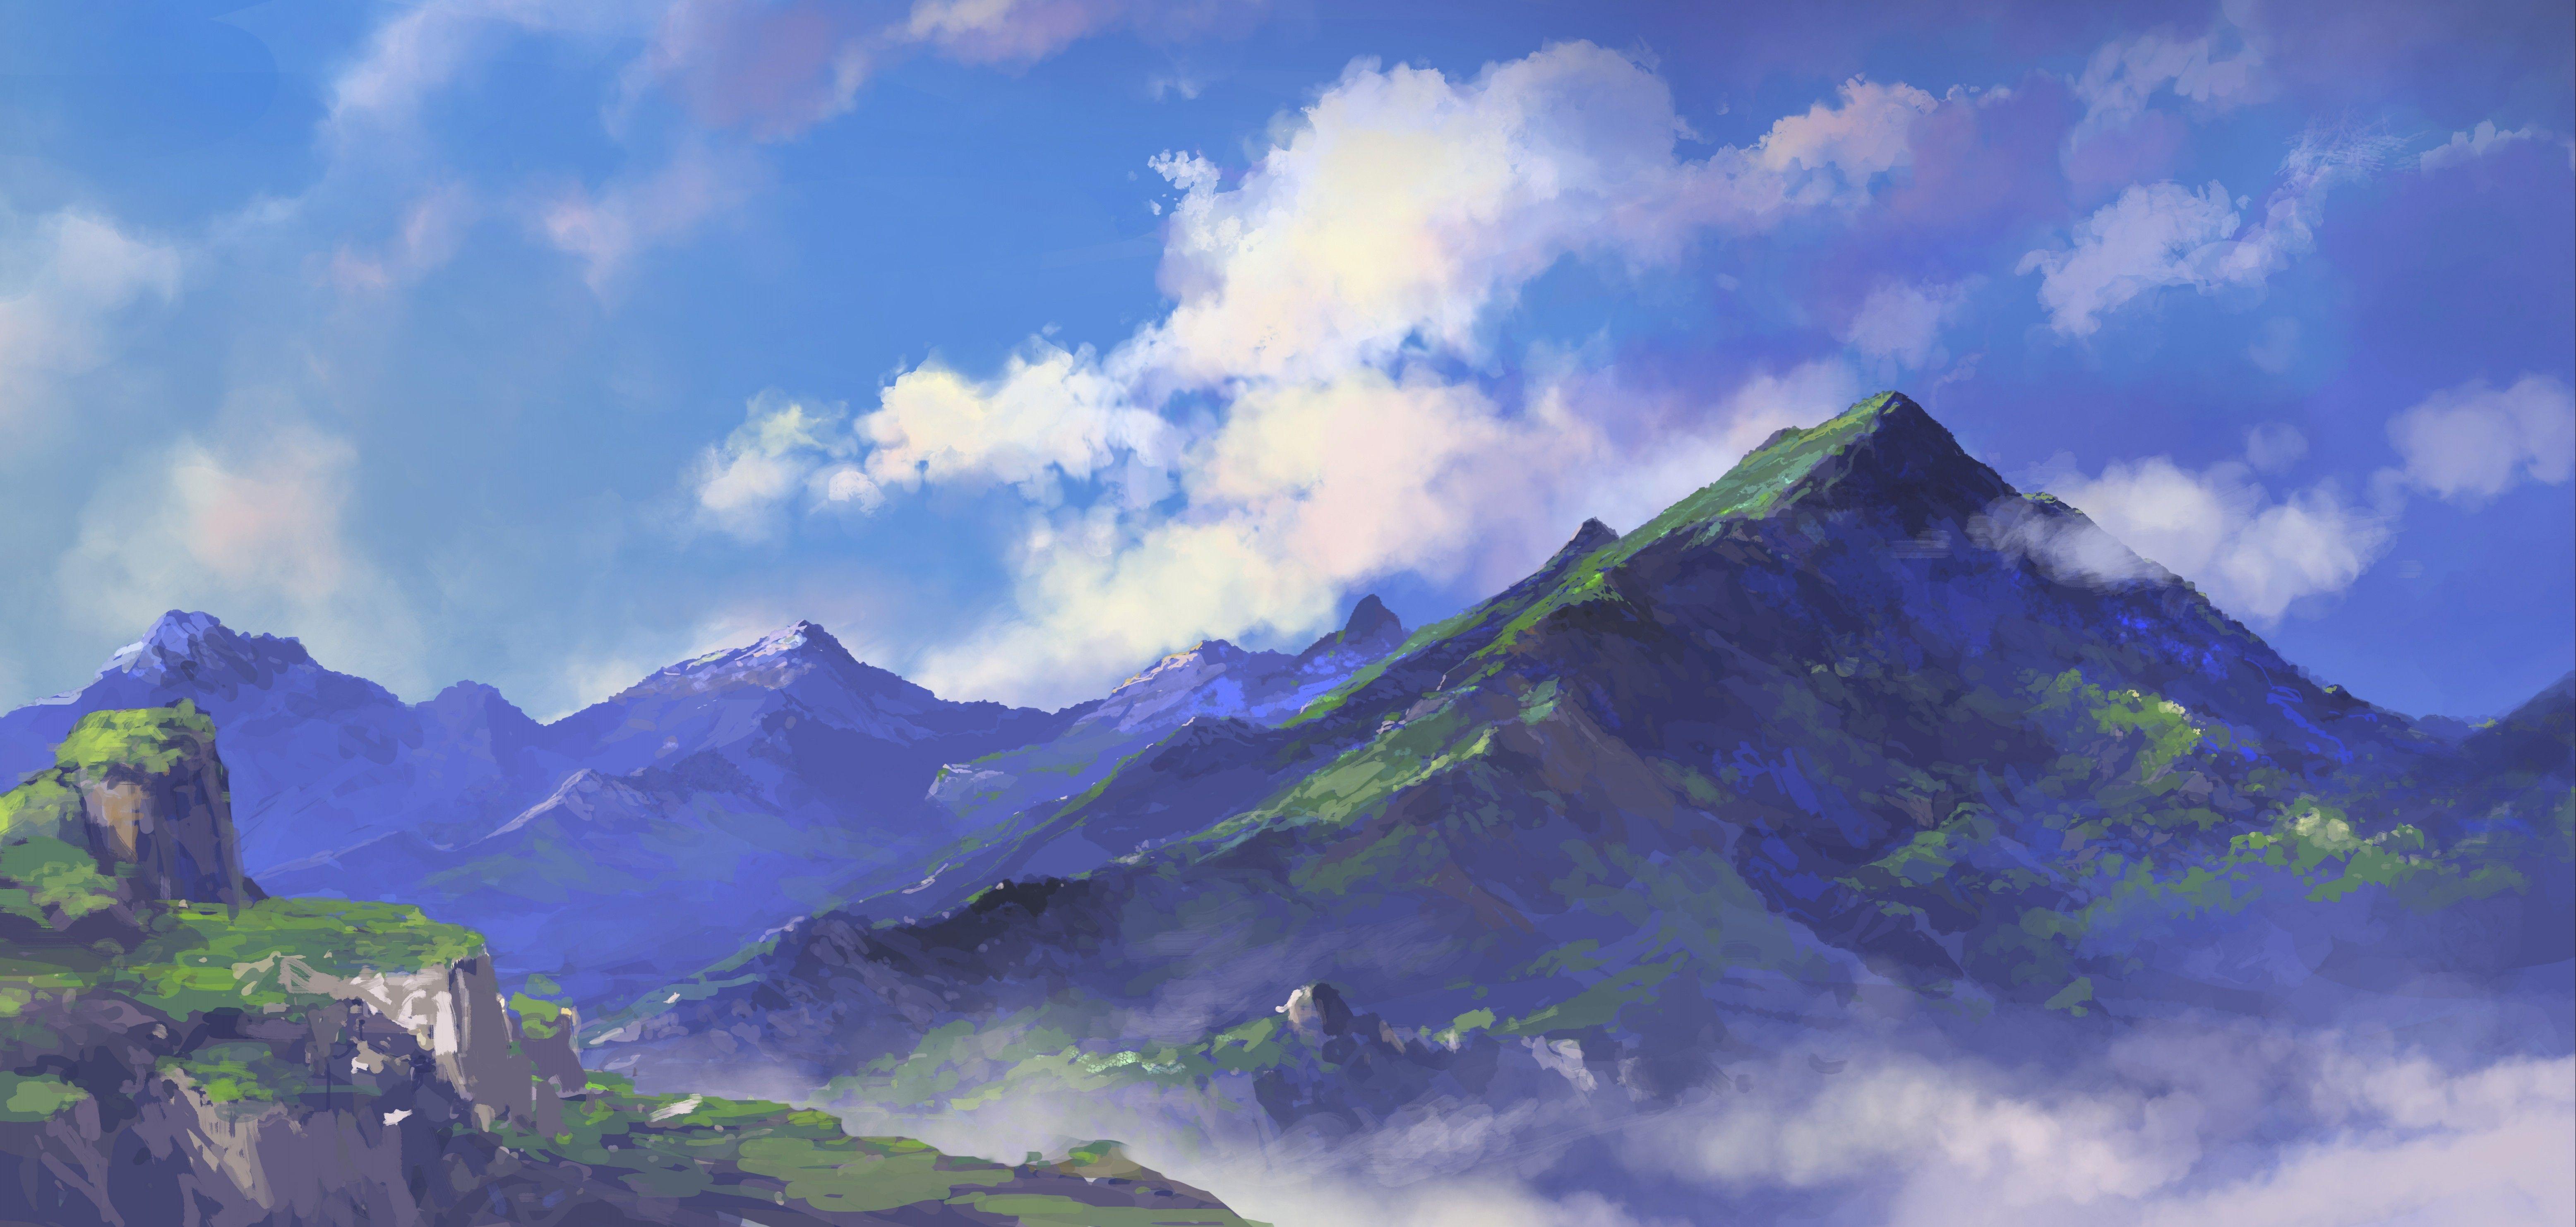 Anime Mountain Background